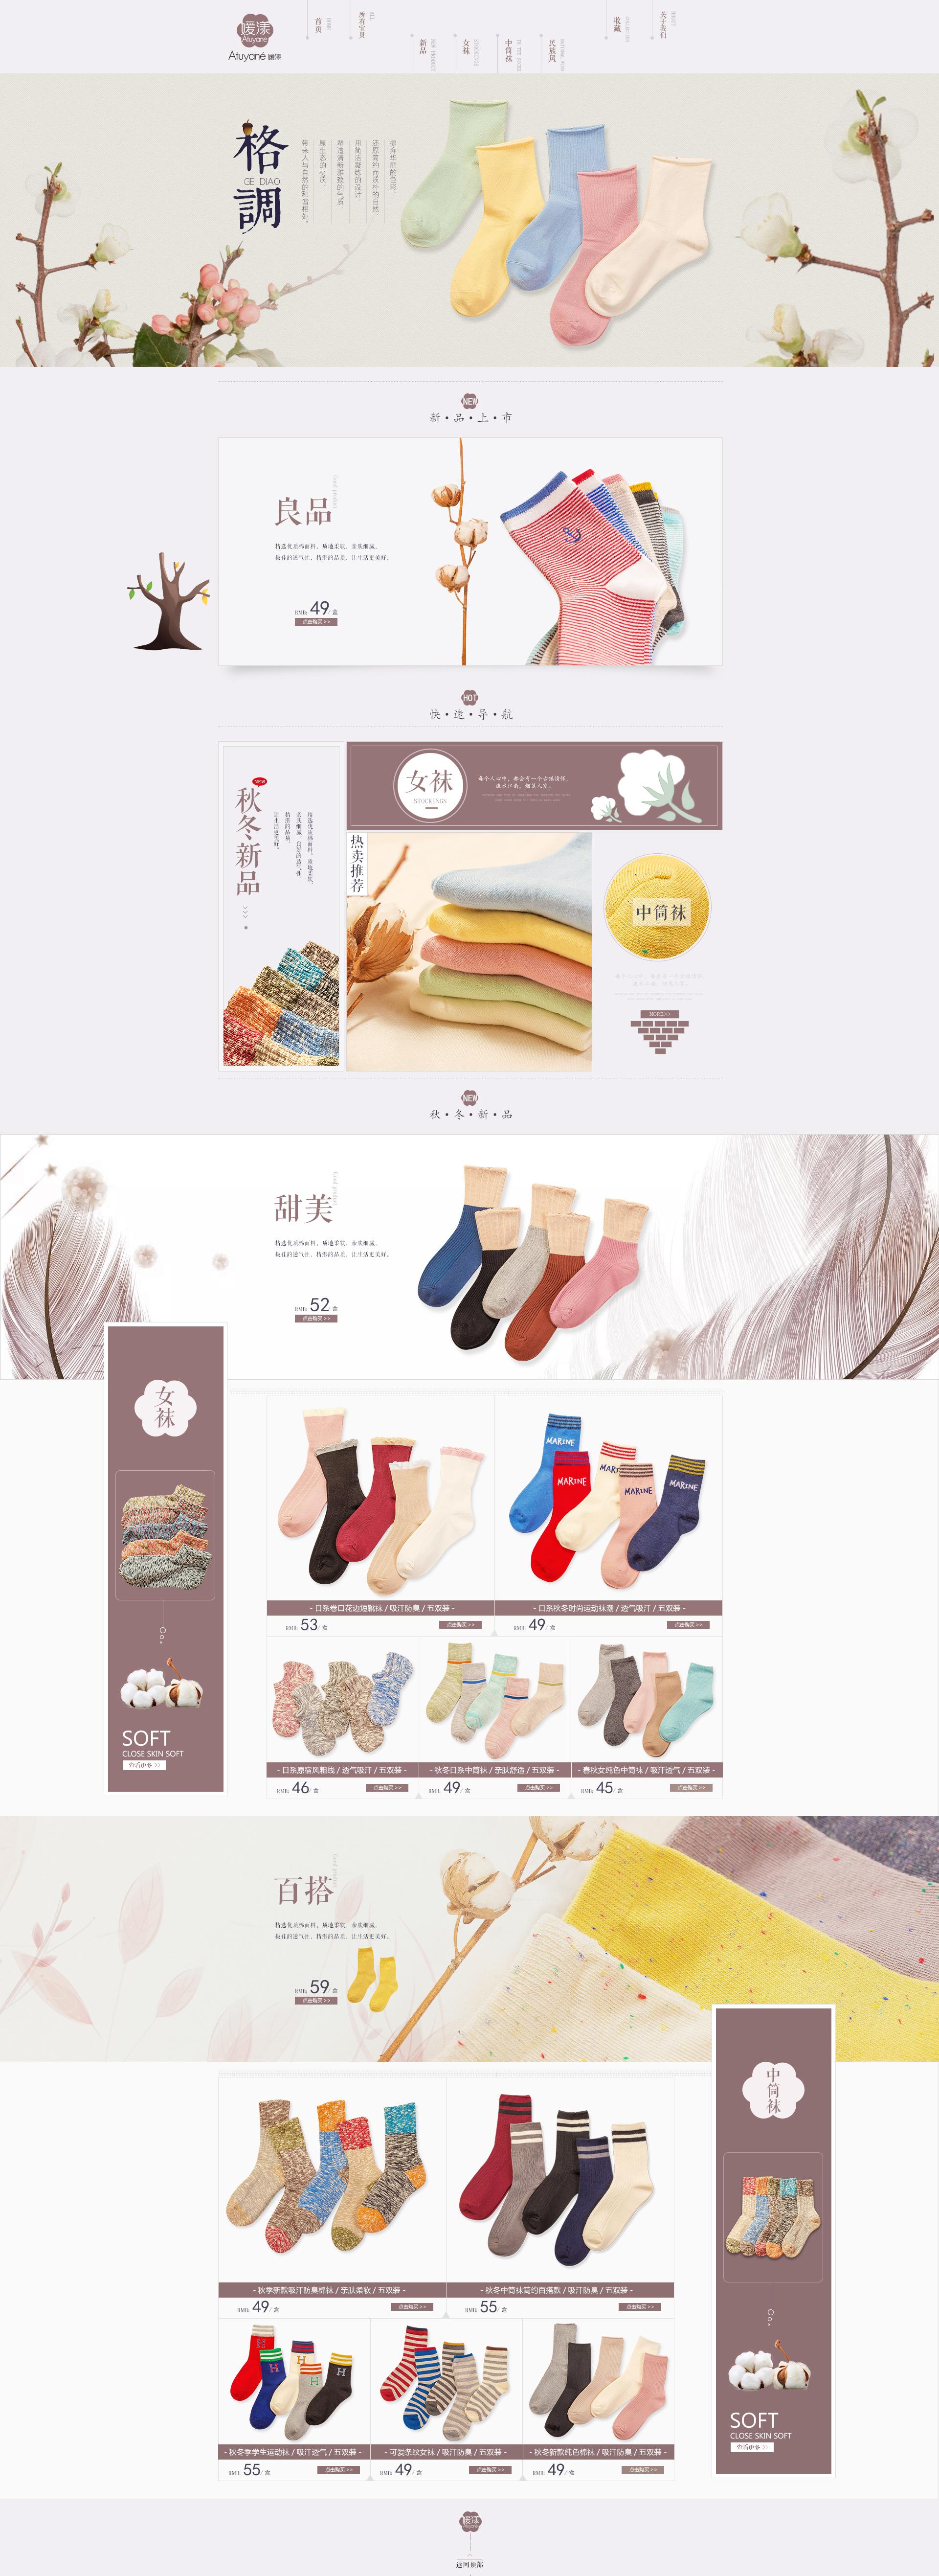 淘宝天猫专题首页设计 首页 banner 页面设计袜子 女袜首页图片